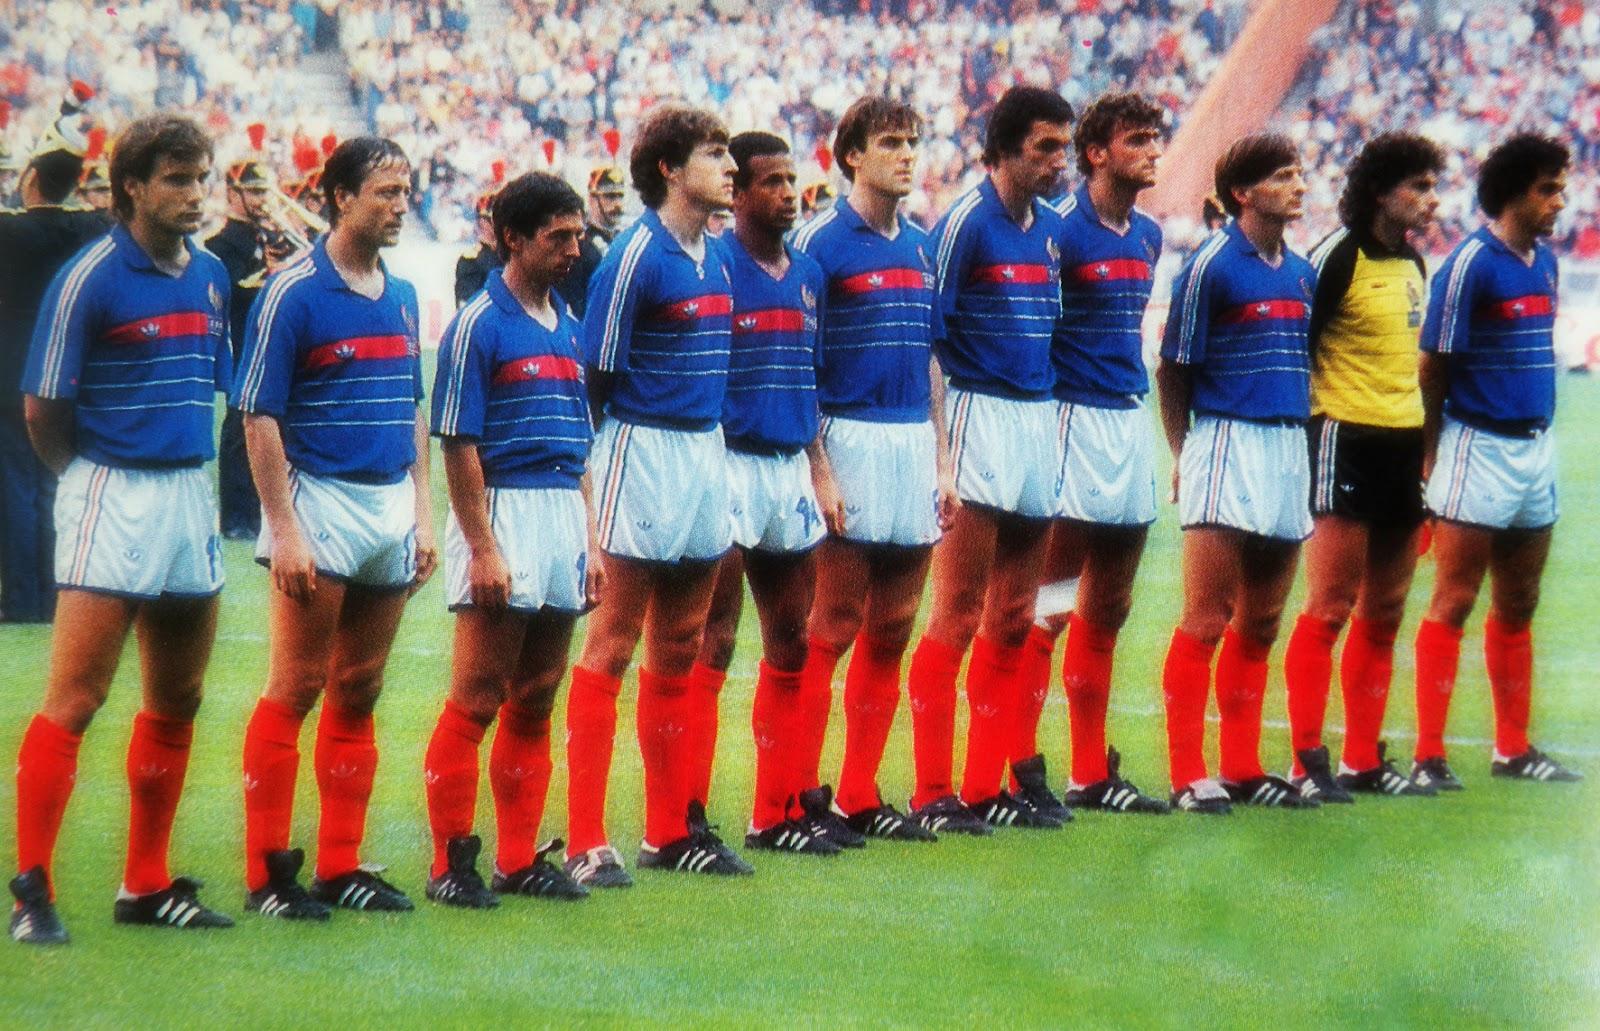 http://1.bp.blogspot.com/-ERUsiGpBdEQ/T9j_6gwvtCI/AAAAAAAAMpg/-7LTDpcVLTU/s1600/FRANCE-ESPAGNE.+Finale+EURO+84.JPG